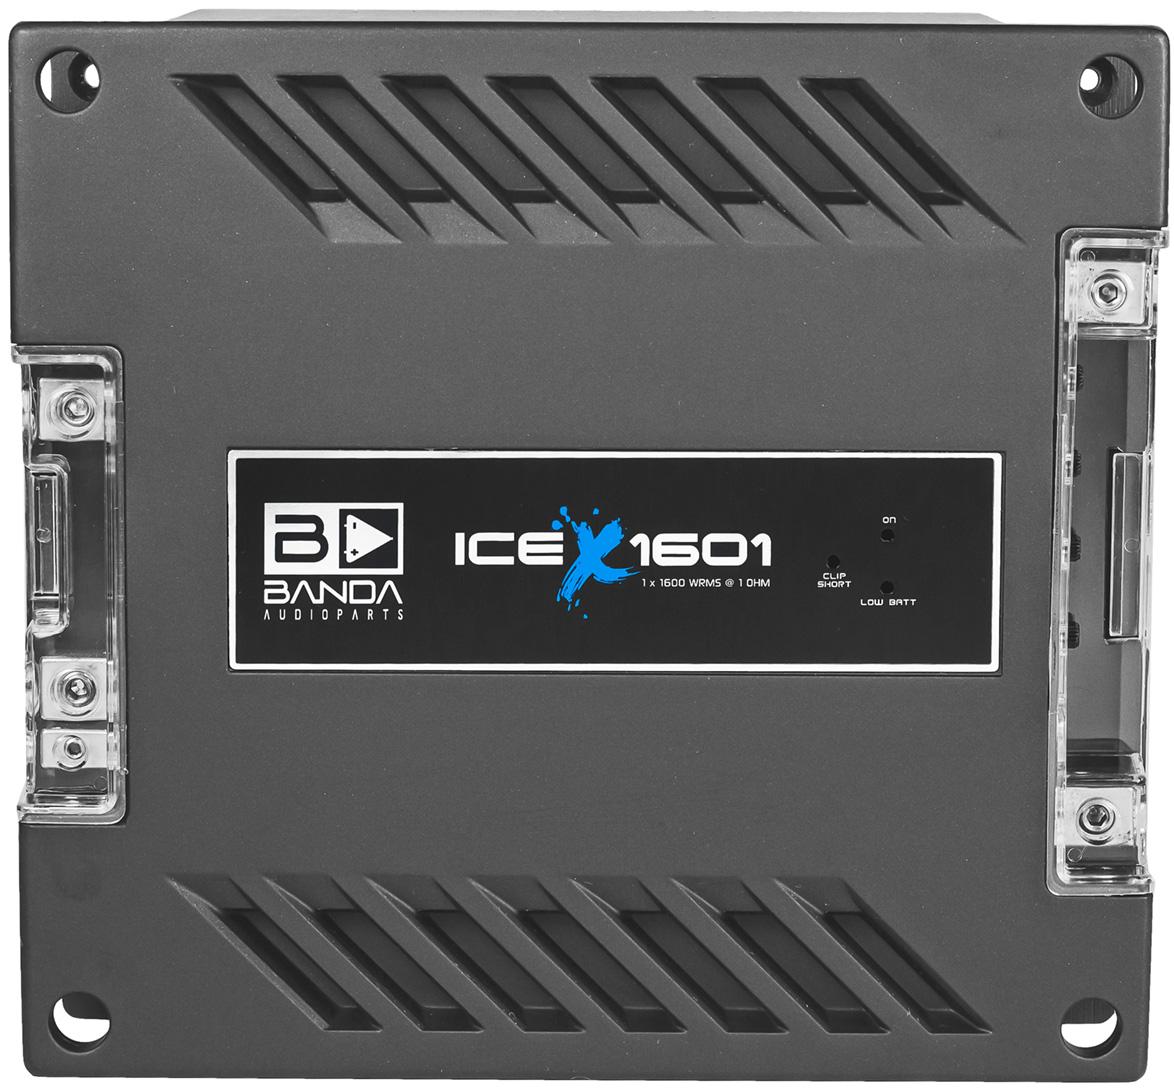 ice-x-1601-frente-19 ICE X 1601